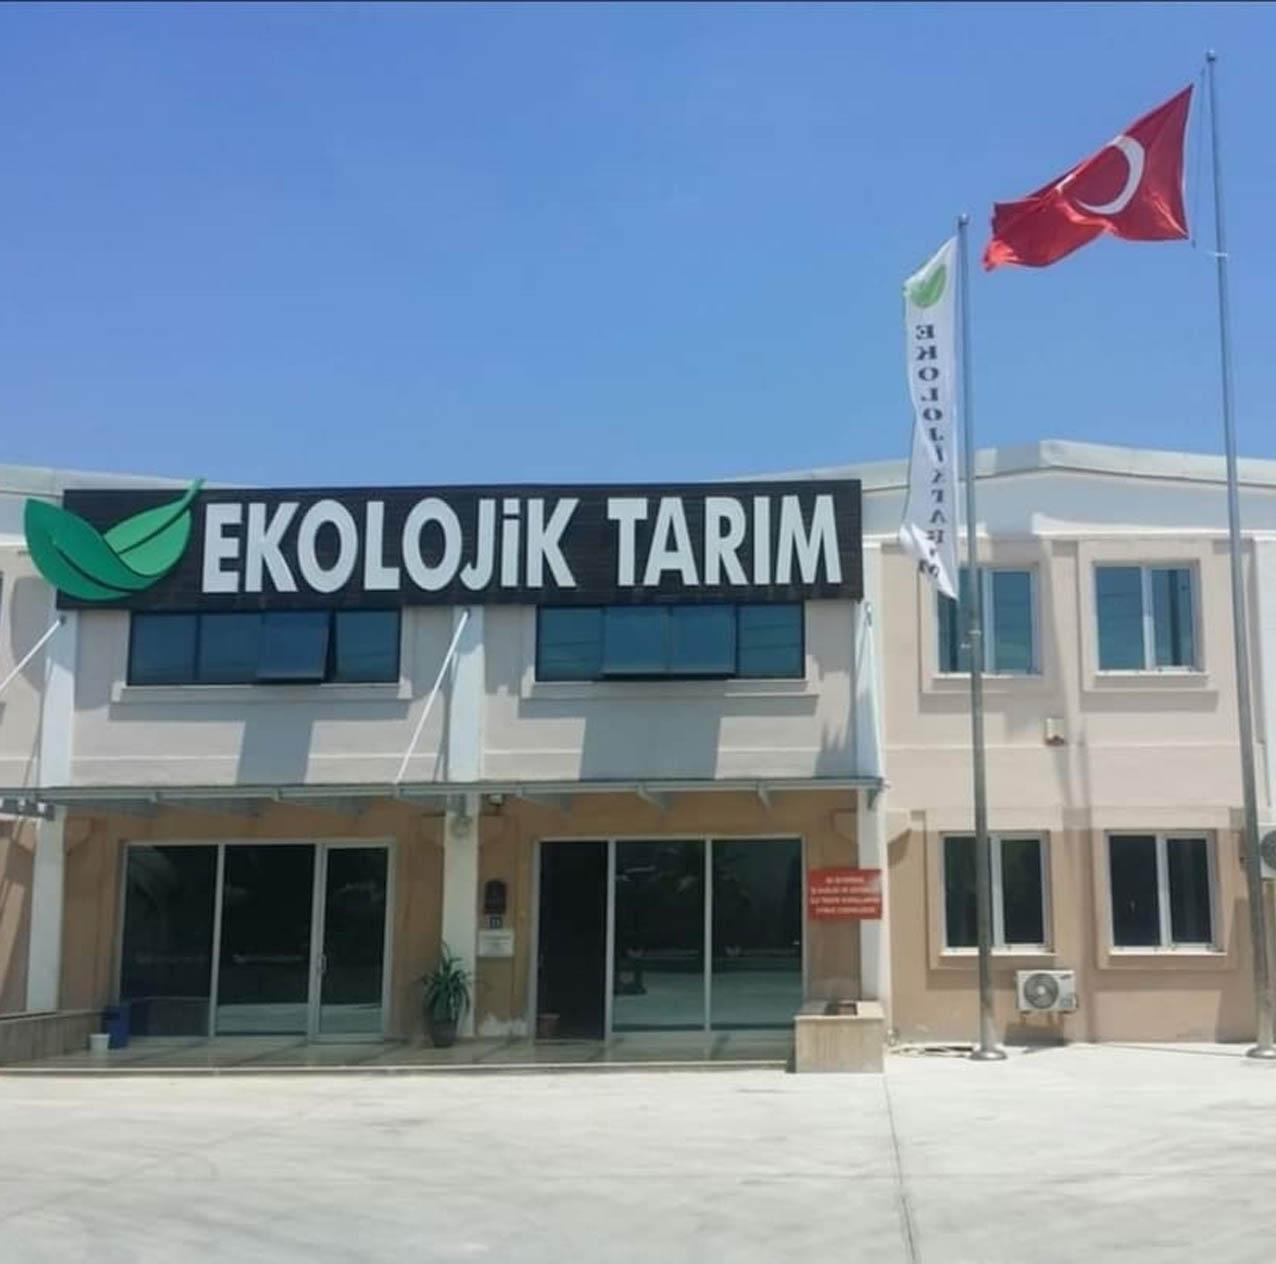 Tamer Şenoğlu